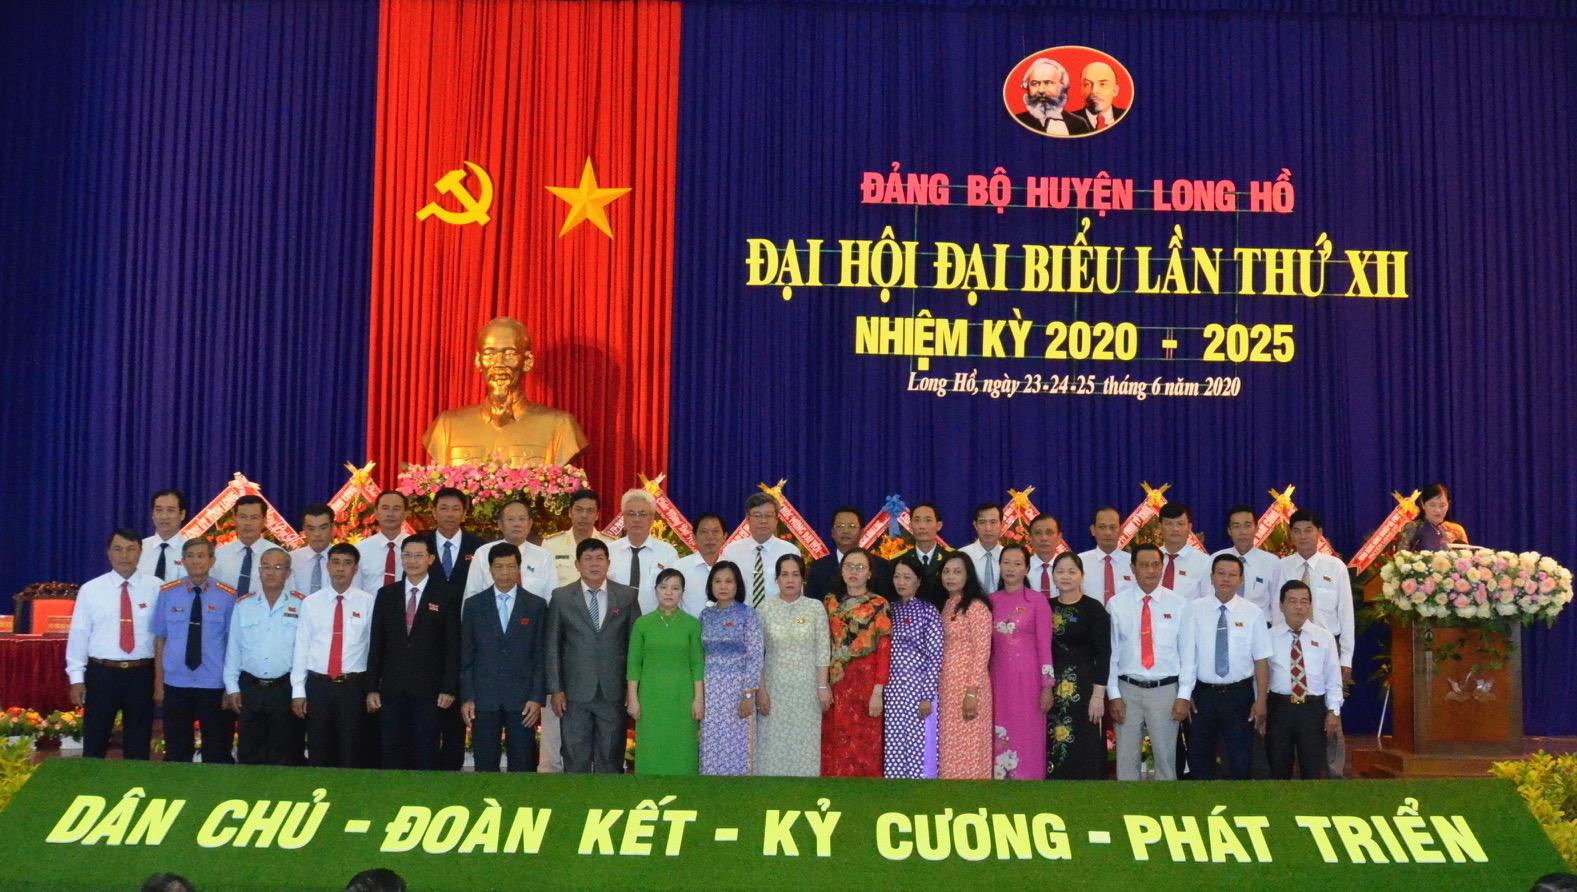 Ban Chấp hành Đảng bộ huyện Long Hồ khoá XII ra mắt Đại hội